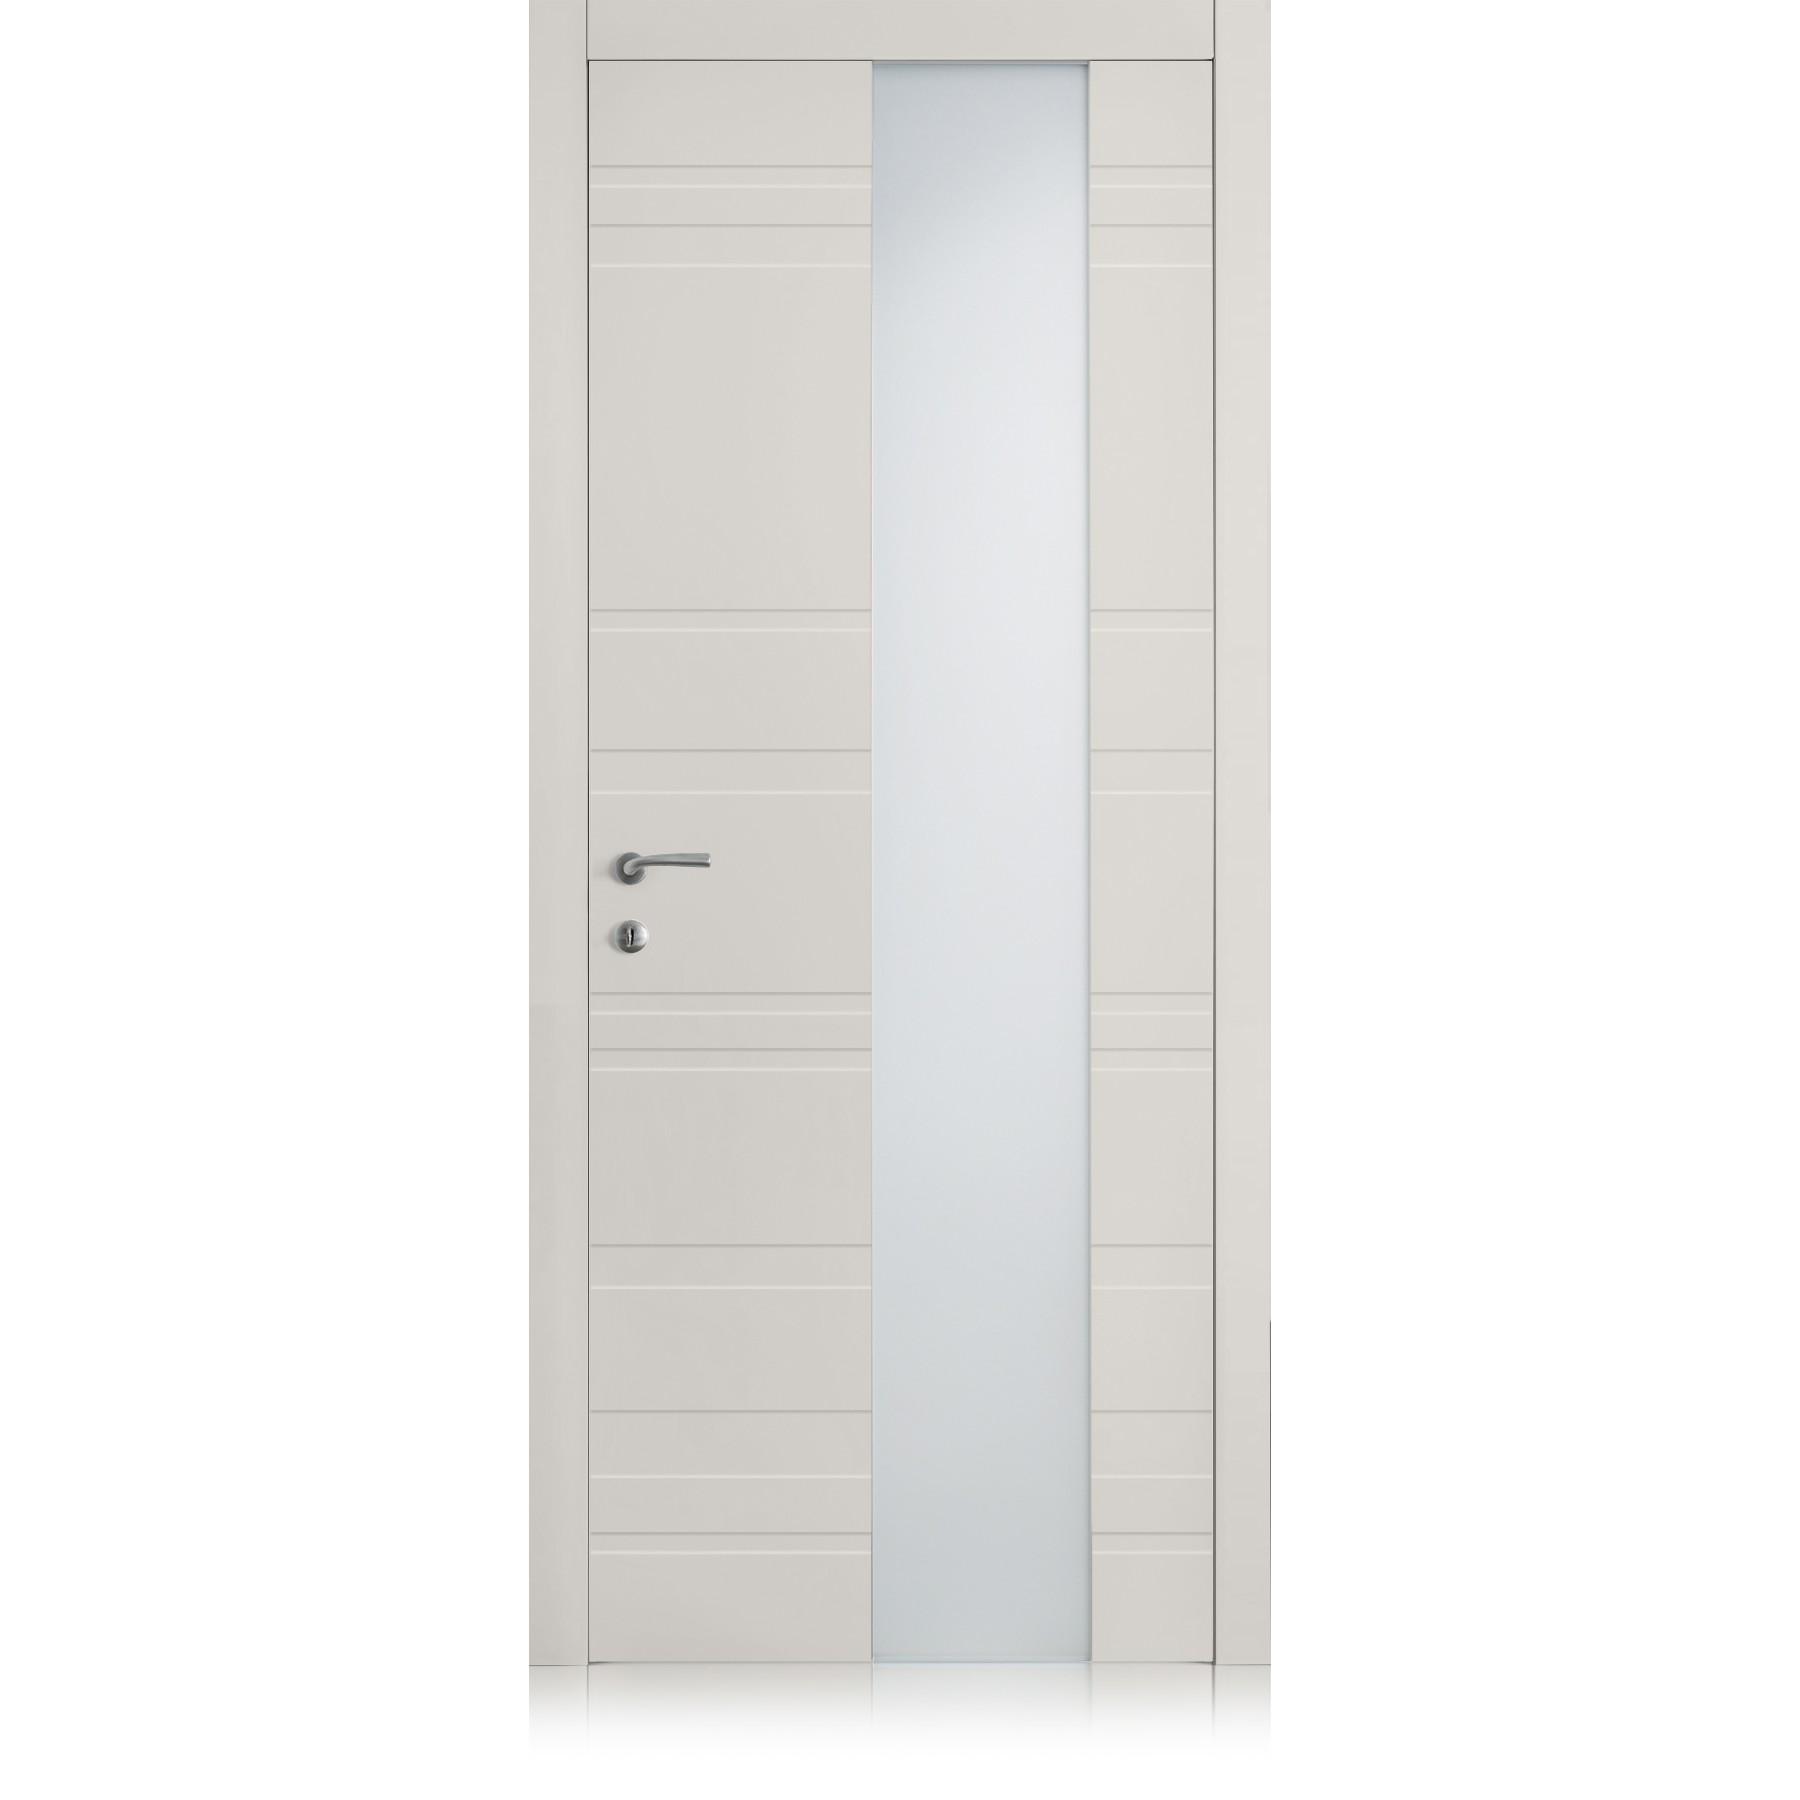 Yncisa Styla Vetro grigio lux door